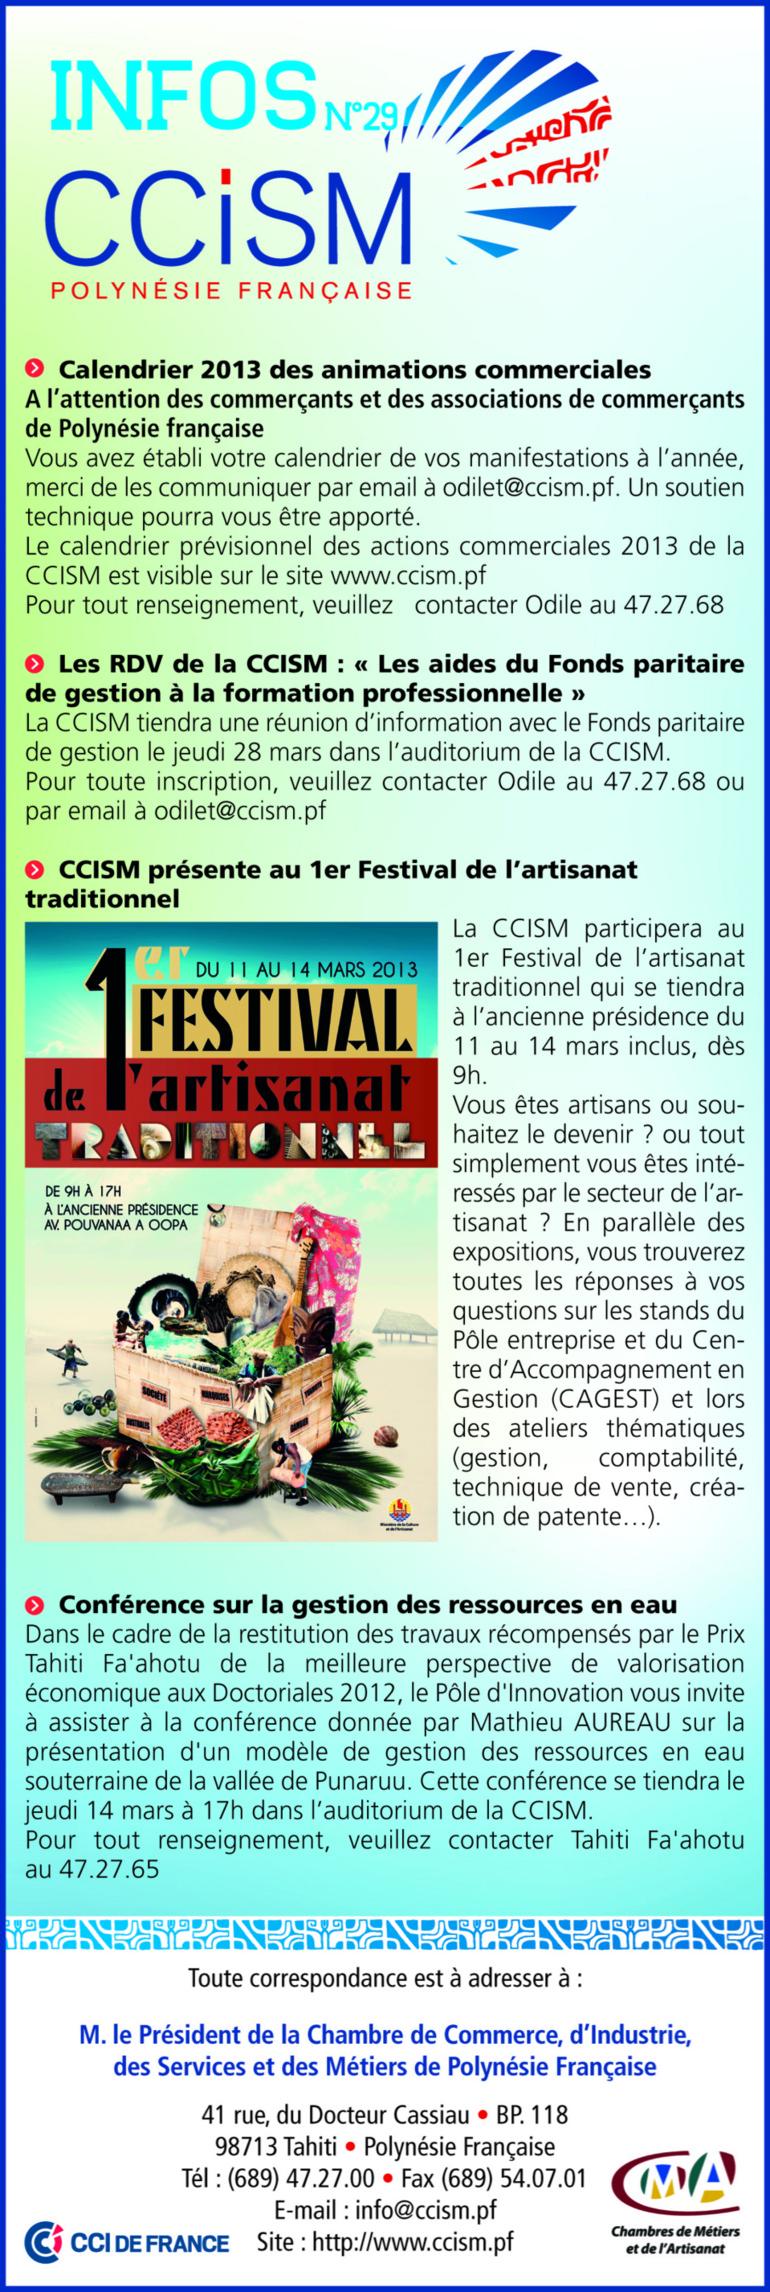 Infos CCISM N°29